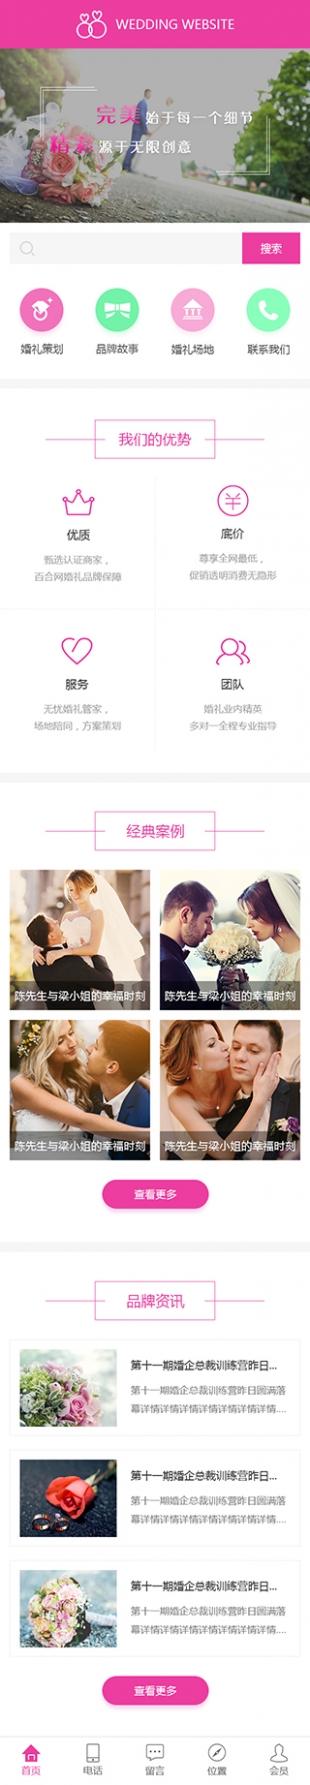 婚礼定制类网站建设模板手机图片